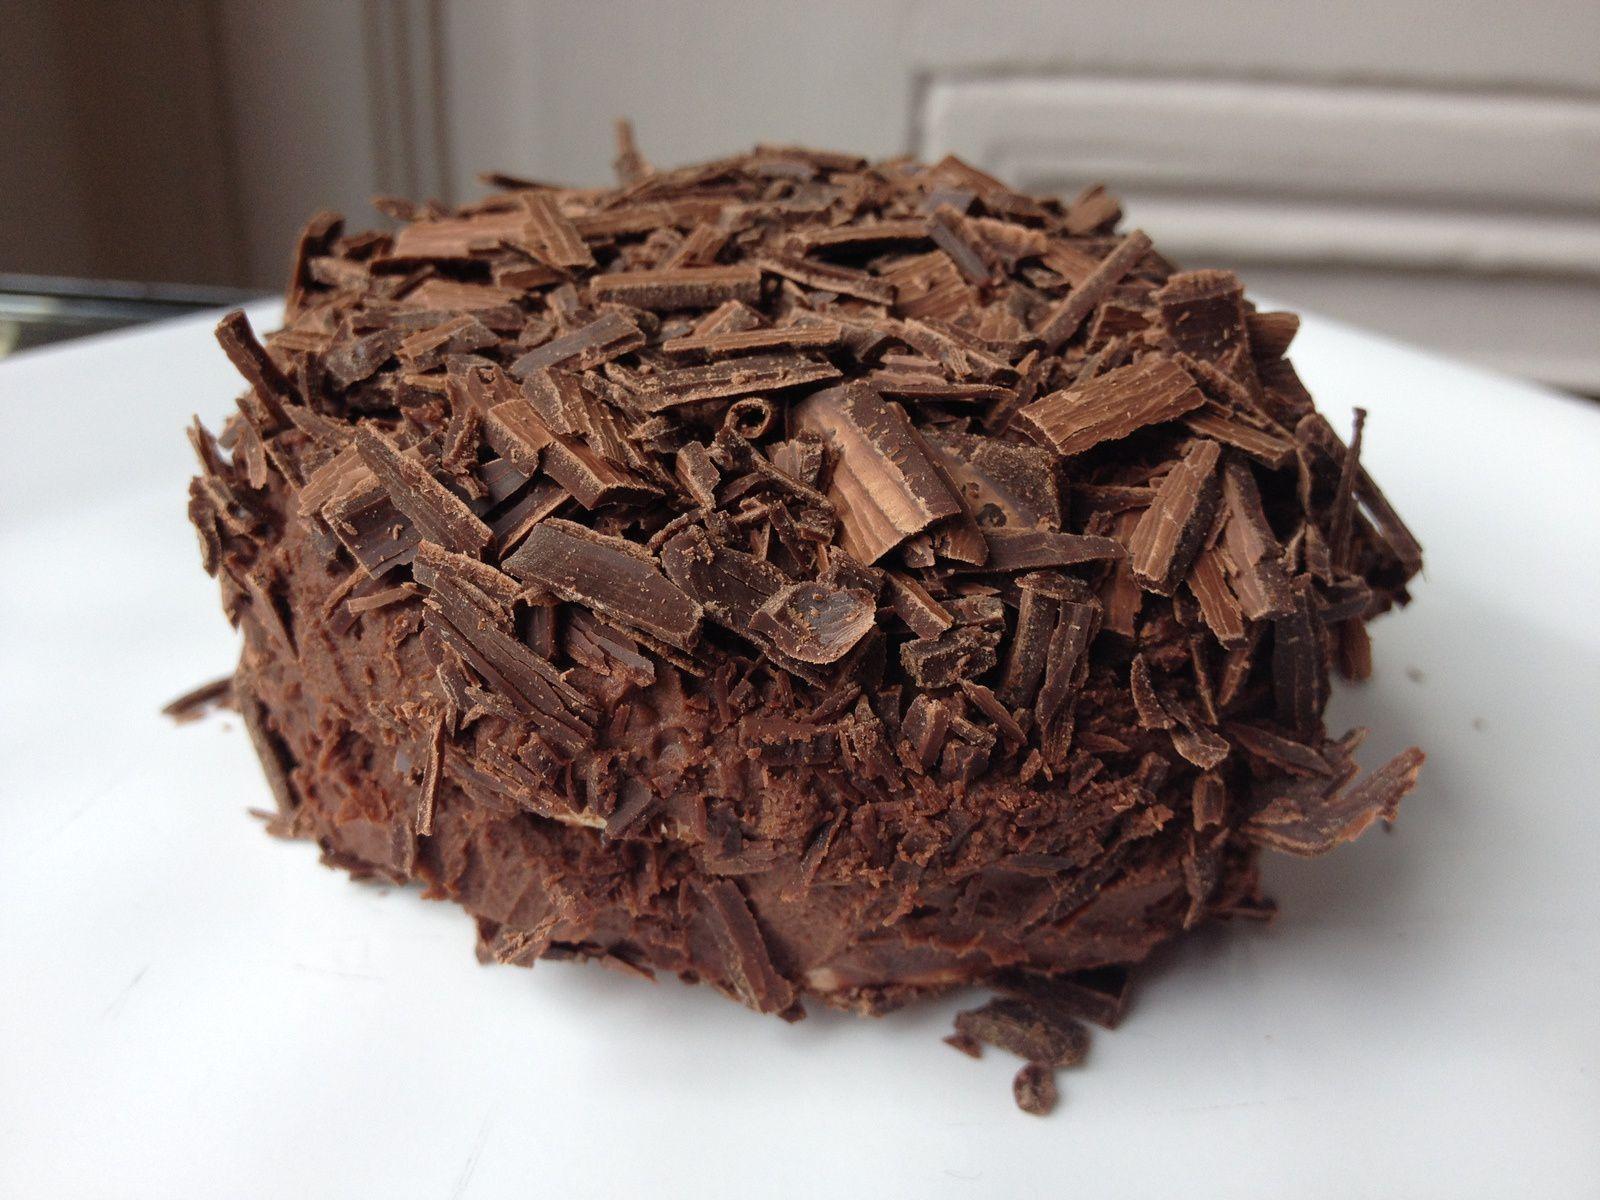 Merveilleux au chocolat, version chocolat noir pour mes 5 ans!!!